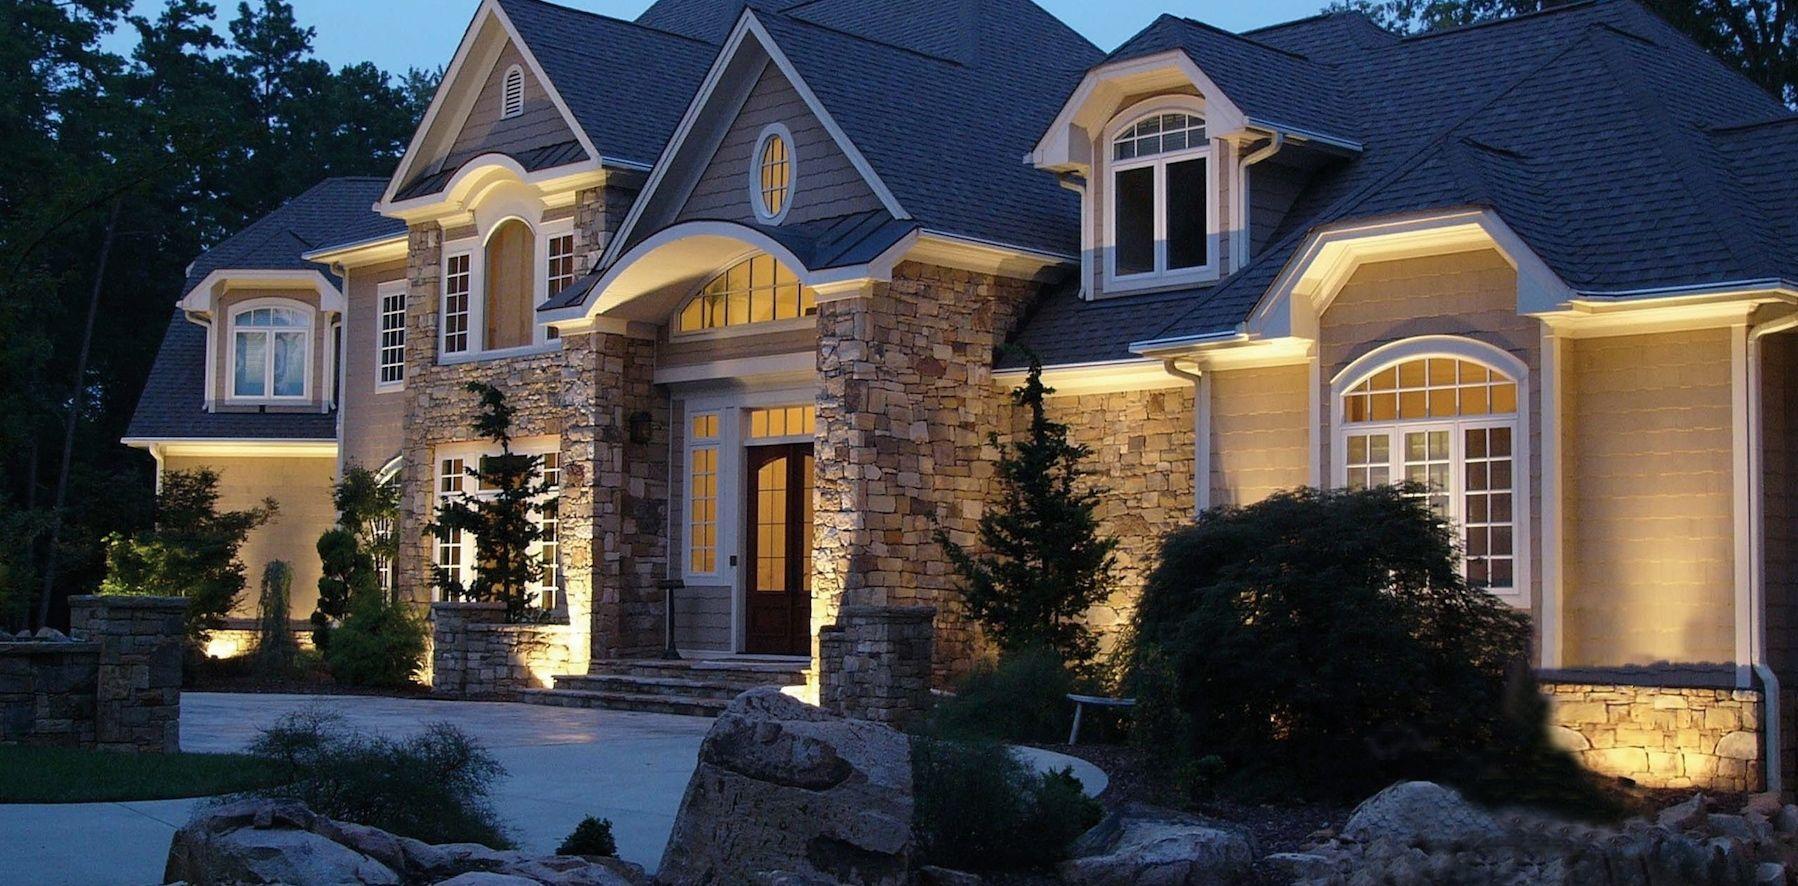 House Outdoor Lighting Virginia outdoor lighting outdoor lighting in the richmond va area workwithnaturefo